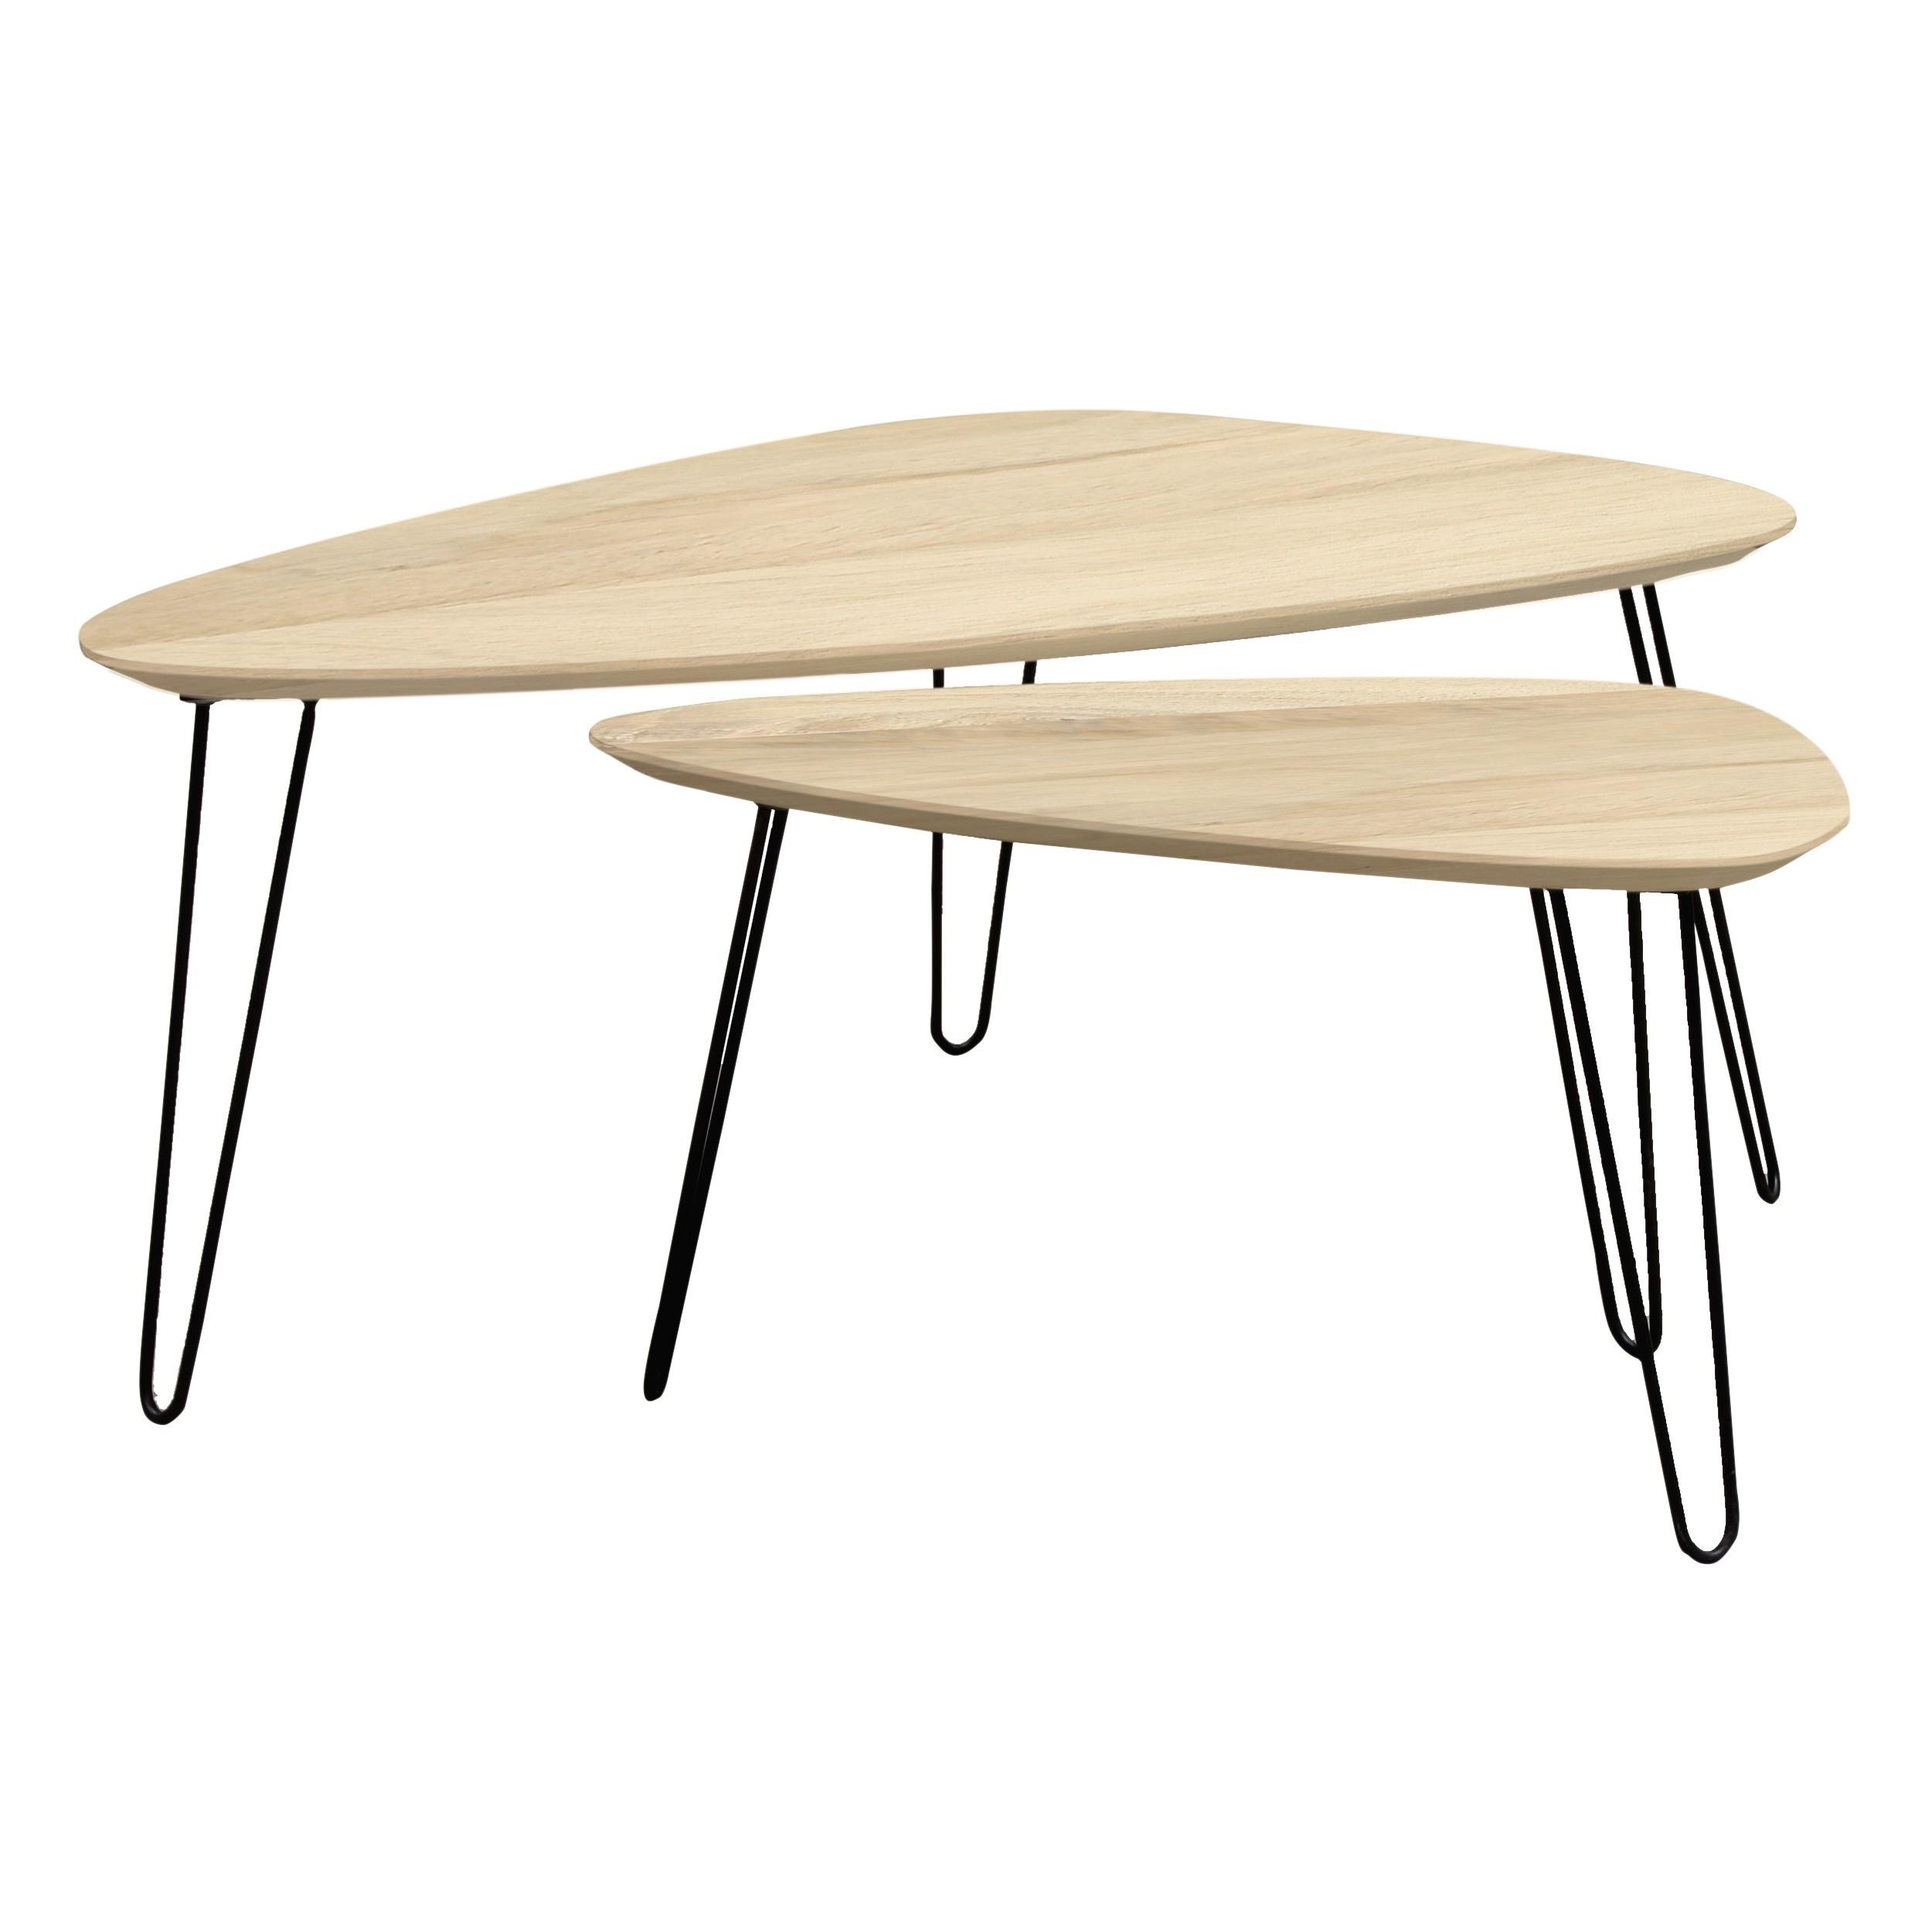 Table Basse Gigogne Bois.Table Basse Gigogne En Bois Aspen Lot De 2